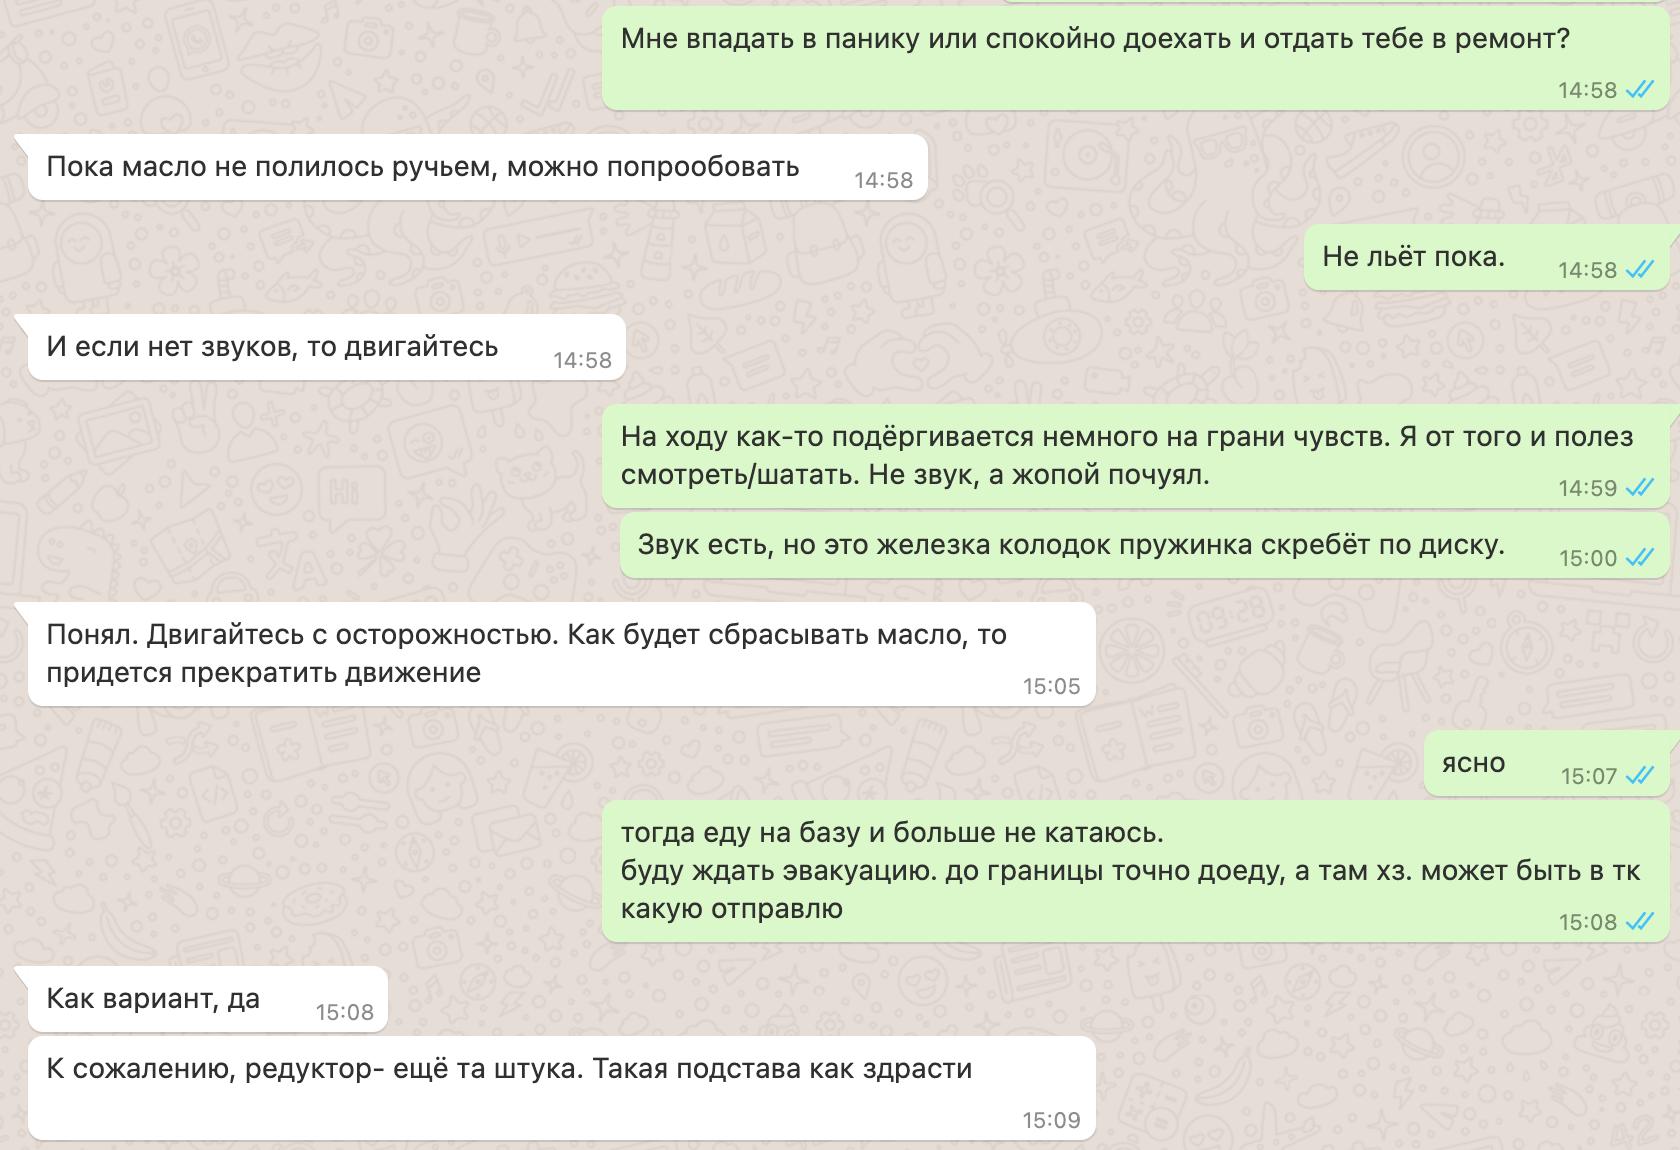 Печальный диалог.